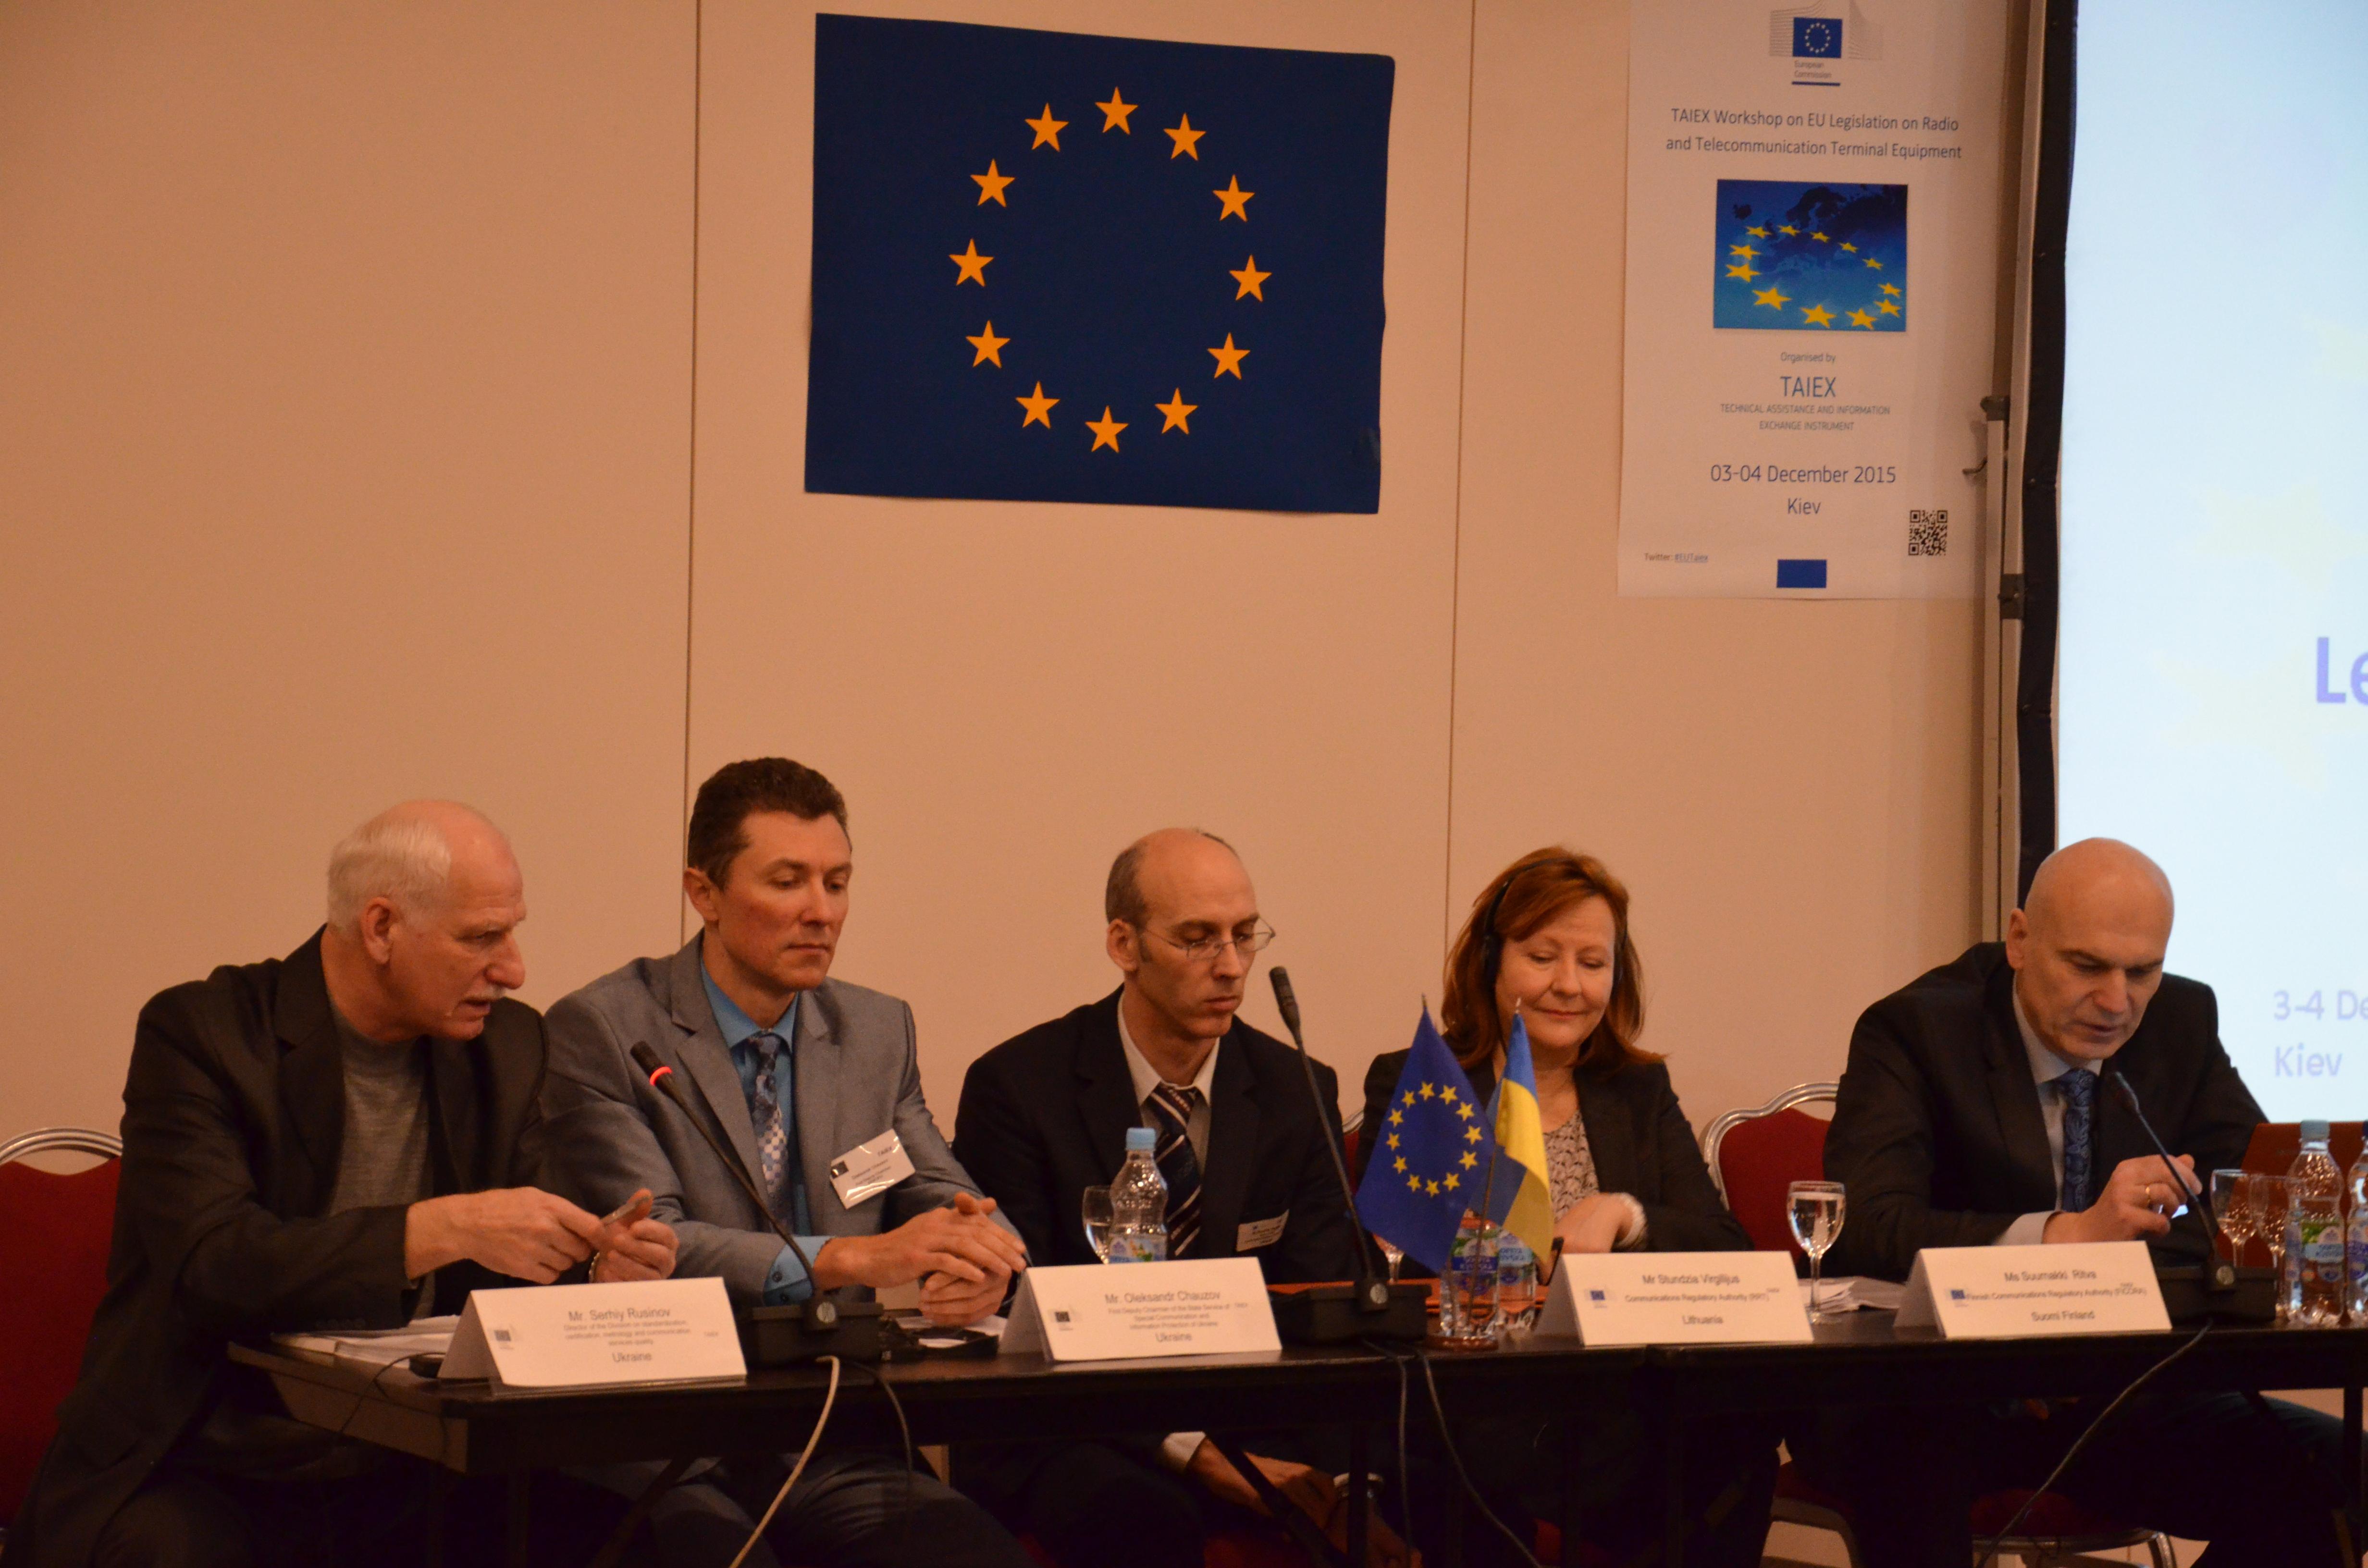 Ritva Suurnäkki (toinen oikealta) on toiminut TAIEX-asiantuntijana useissa EU:n laajentumis- ja naapuruuspolitiikan kohdemaissa. Kuvassa Suurnäkki on puhujana Ukrainassa järjestetyssä TAIEX-seminaarissa. Suurnäkin lisäksi kuvassa ovat vasemmalta lukien Serhiy Rusinov (Ukraina), Oleksandr Chauzov (Ukraina), Virgilijus Stundzia (Liettua) sekä Arvydas Giedraitis (Liettua).